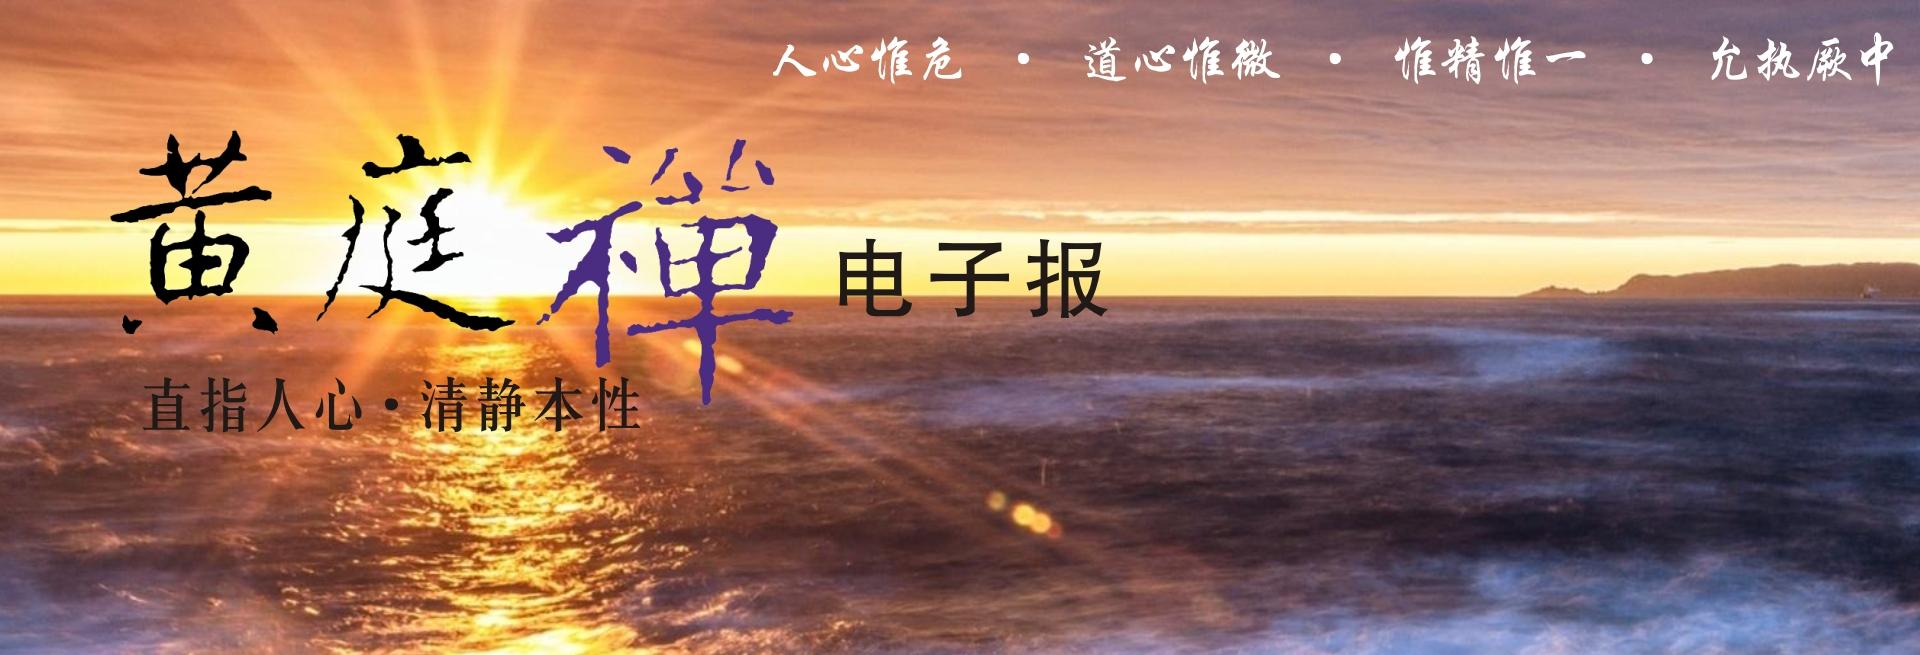 中华黄庭禅学会2020.10.01电子报